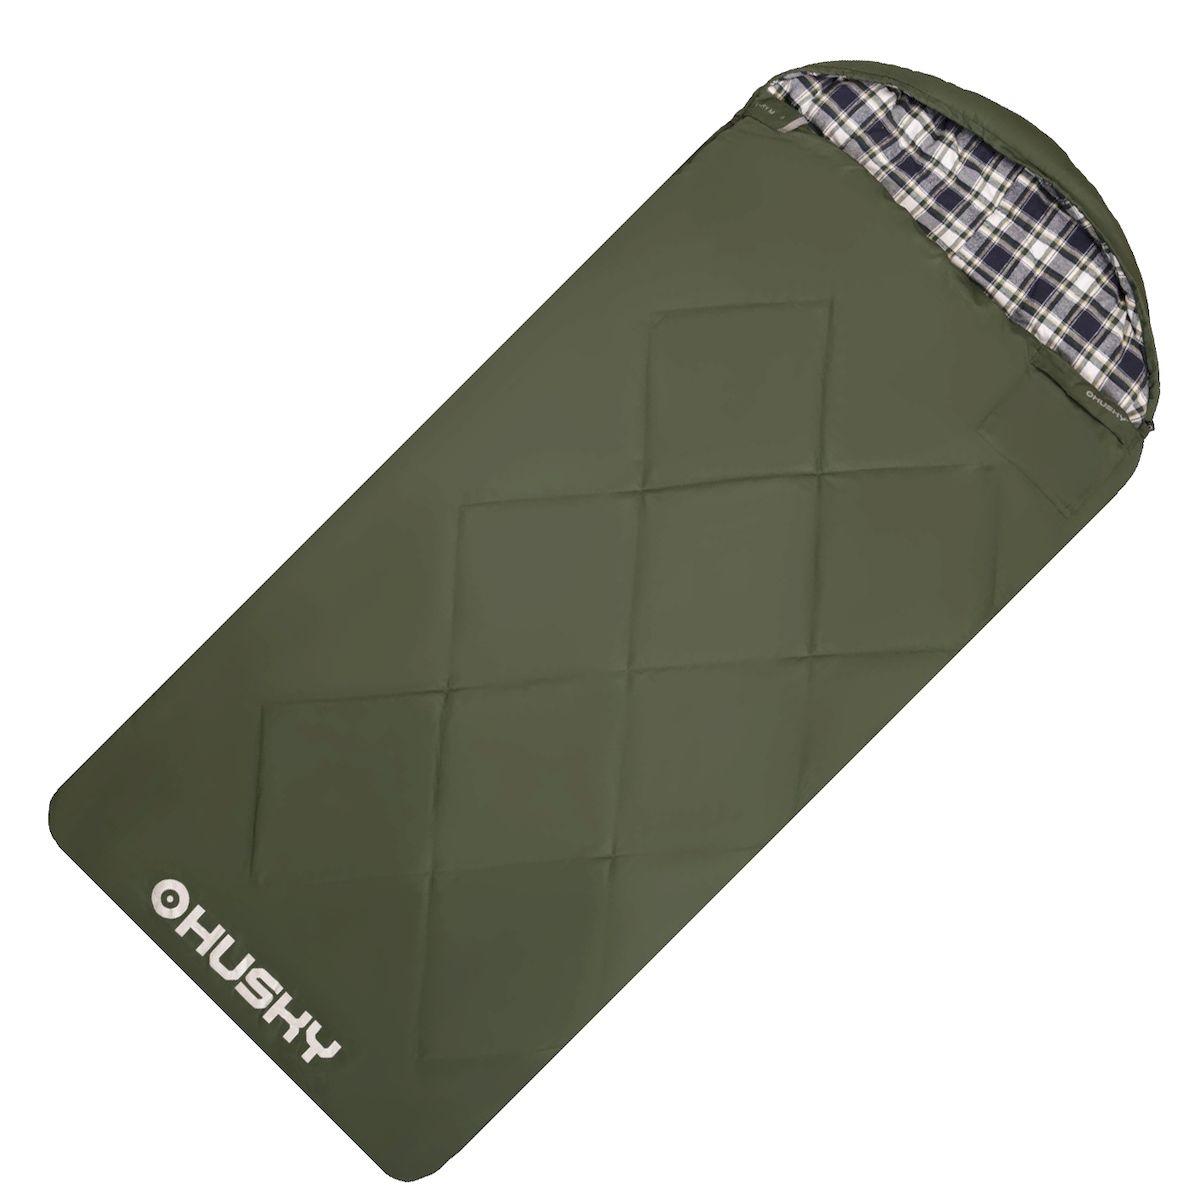 Спальник-одеяло Husky GARY -5С, правая молния, цвет: зеленыйУТ-000069822Двухслойный спальный мешок-одеяло Husky Grey -5C для кемпинга. Утеплитель из 4-х канального холофайбера, превосходная комбинация теплового комфорта с комфортом традиционного спального мешка-одеяла. Gary можно использовать не только на природе, но и в помещении как традиционное одеяло. Размер: 90 х 220 см;Размер в сложенном виде: 45 х 37 х 20 см;Вес: 2850 г;Экстремальная температура: -5С;Комфортная температура: -0С ... +5С;- Внешний материал: Pongee 75D 210T (лен);- Внутренний материал: флис (полиэстер);- Утеплитель: 2 слоя 150 г/м2 HollowFibre;- Конструкция: два слоя;- Компрессионный мешок;- Петли для сушки.